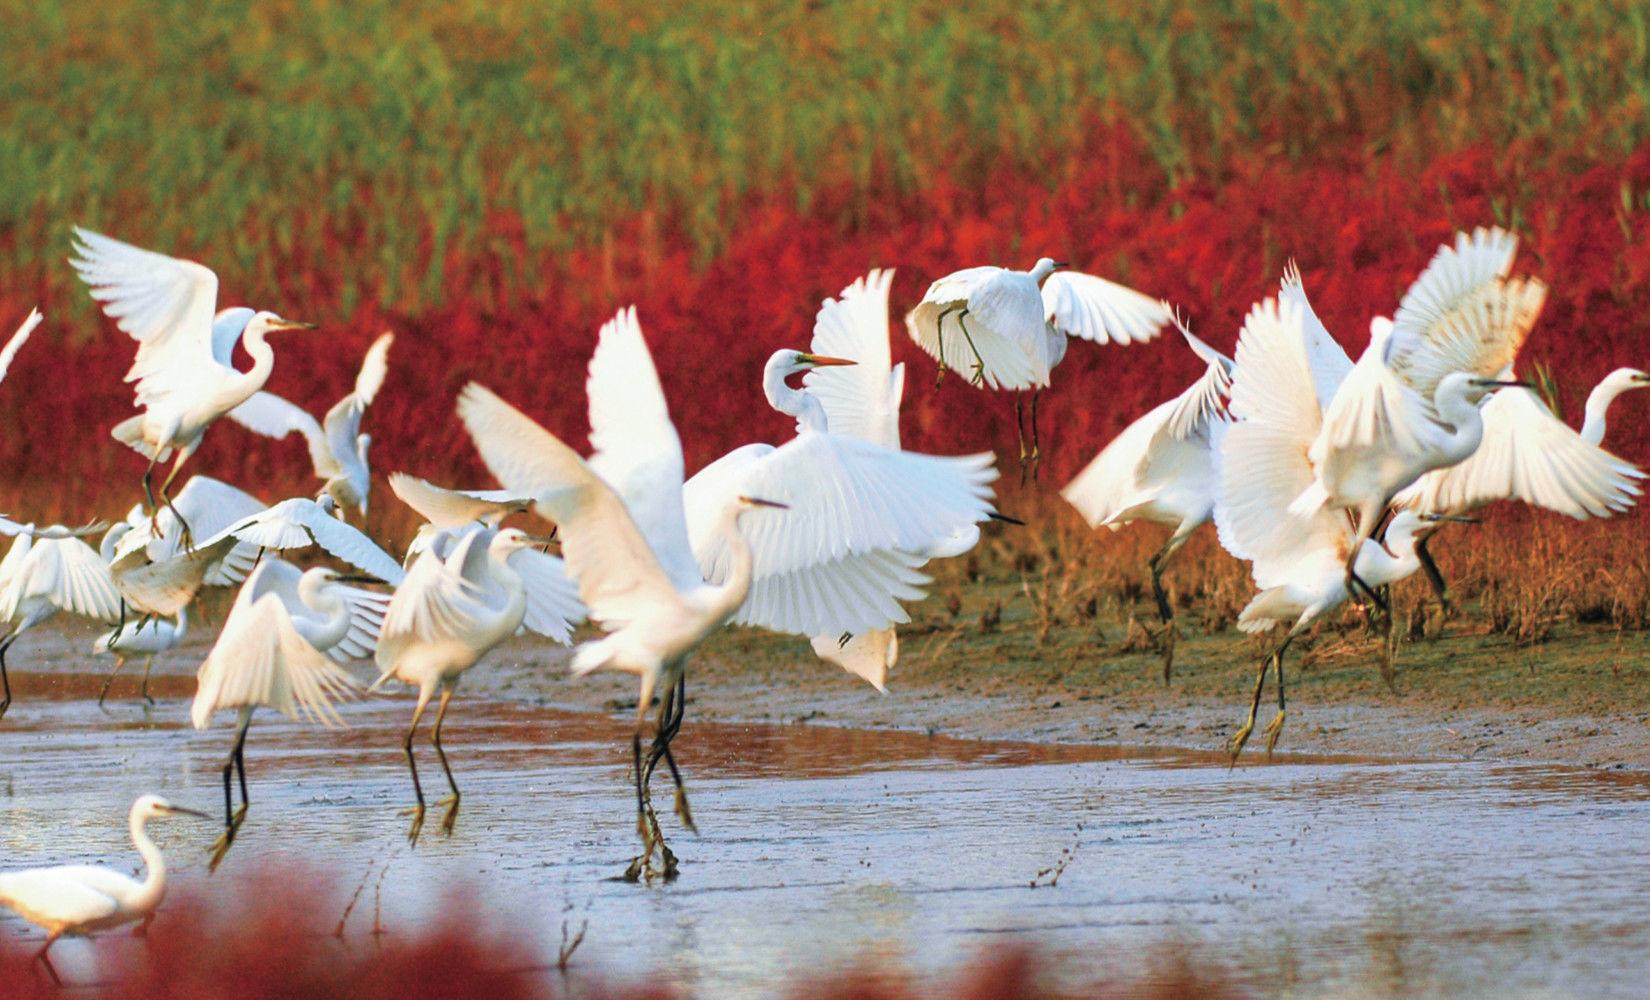 """东营湿地保护样本:生态好不好, 鸟说了算"""" width="""